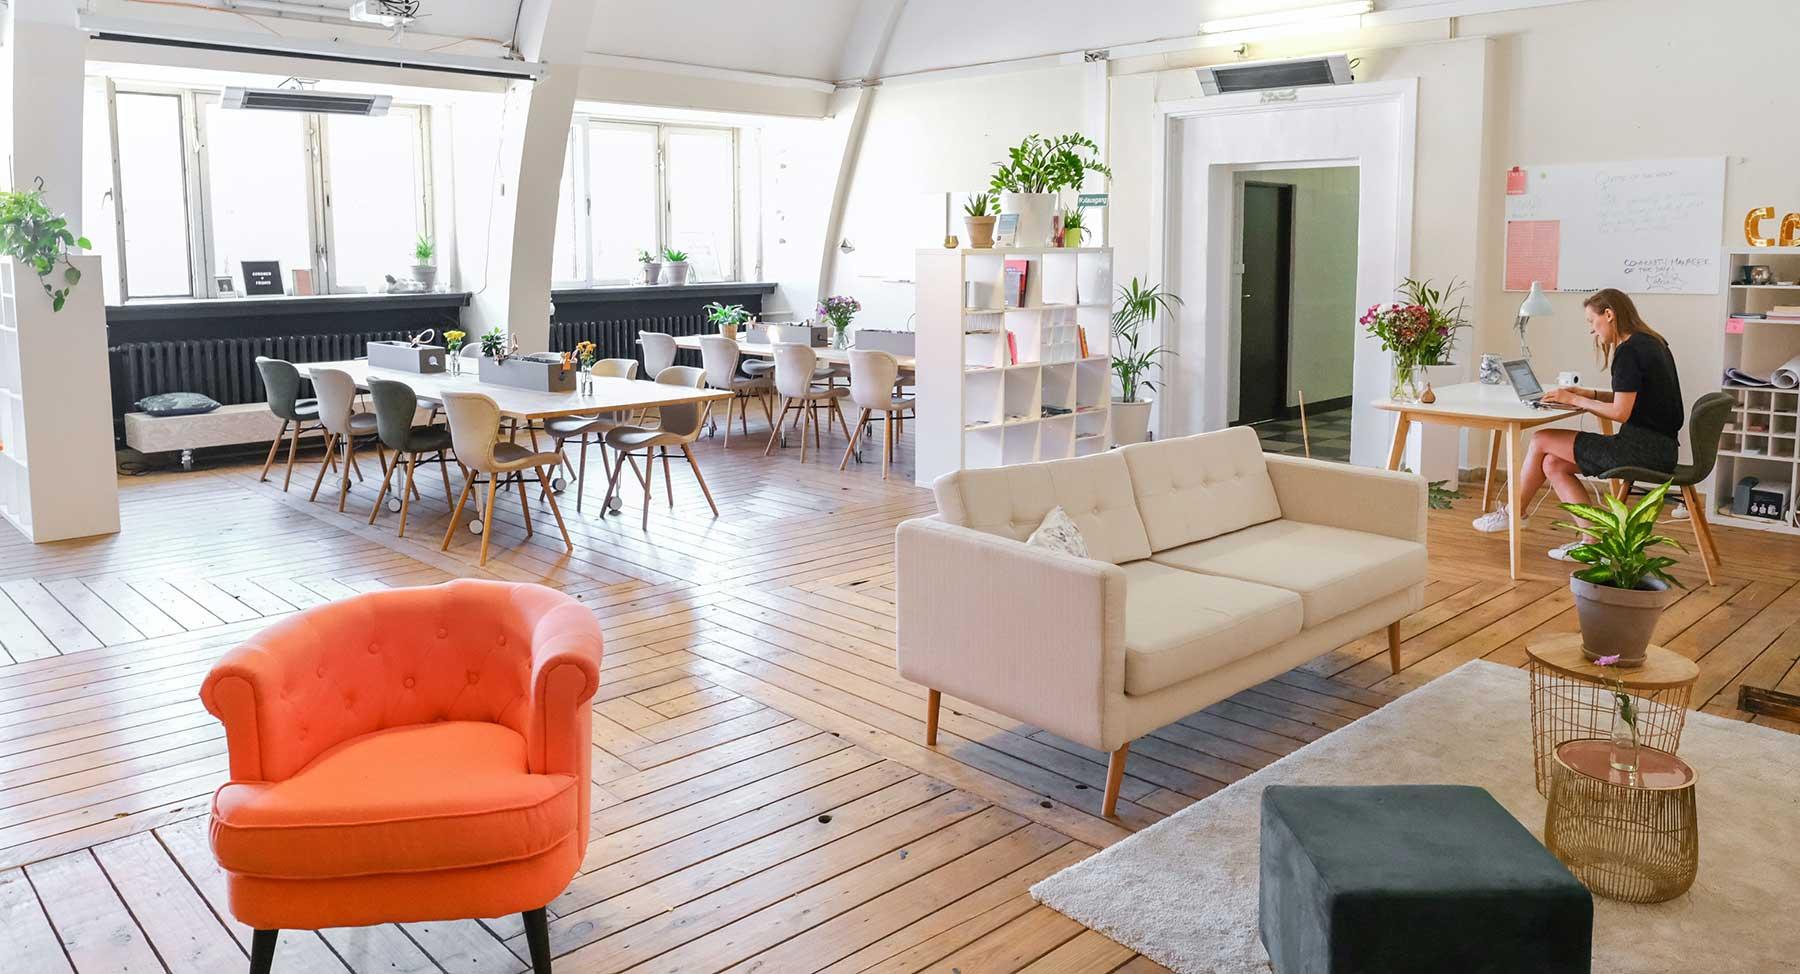 Diseño de oficinas confortable y con alma de hogar